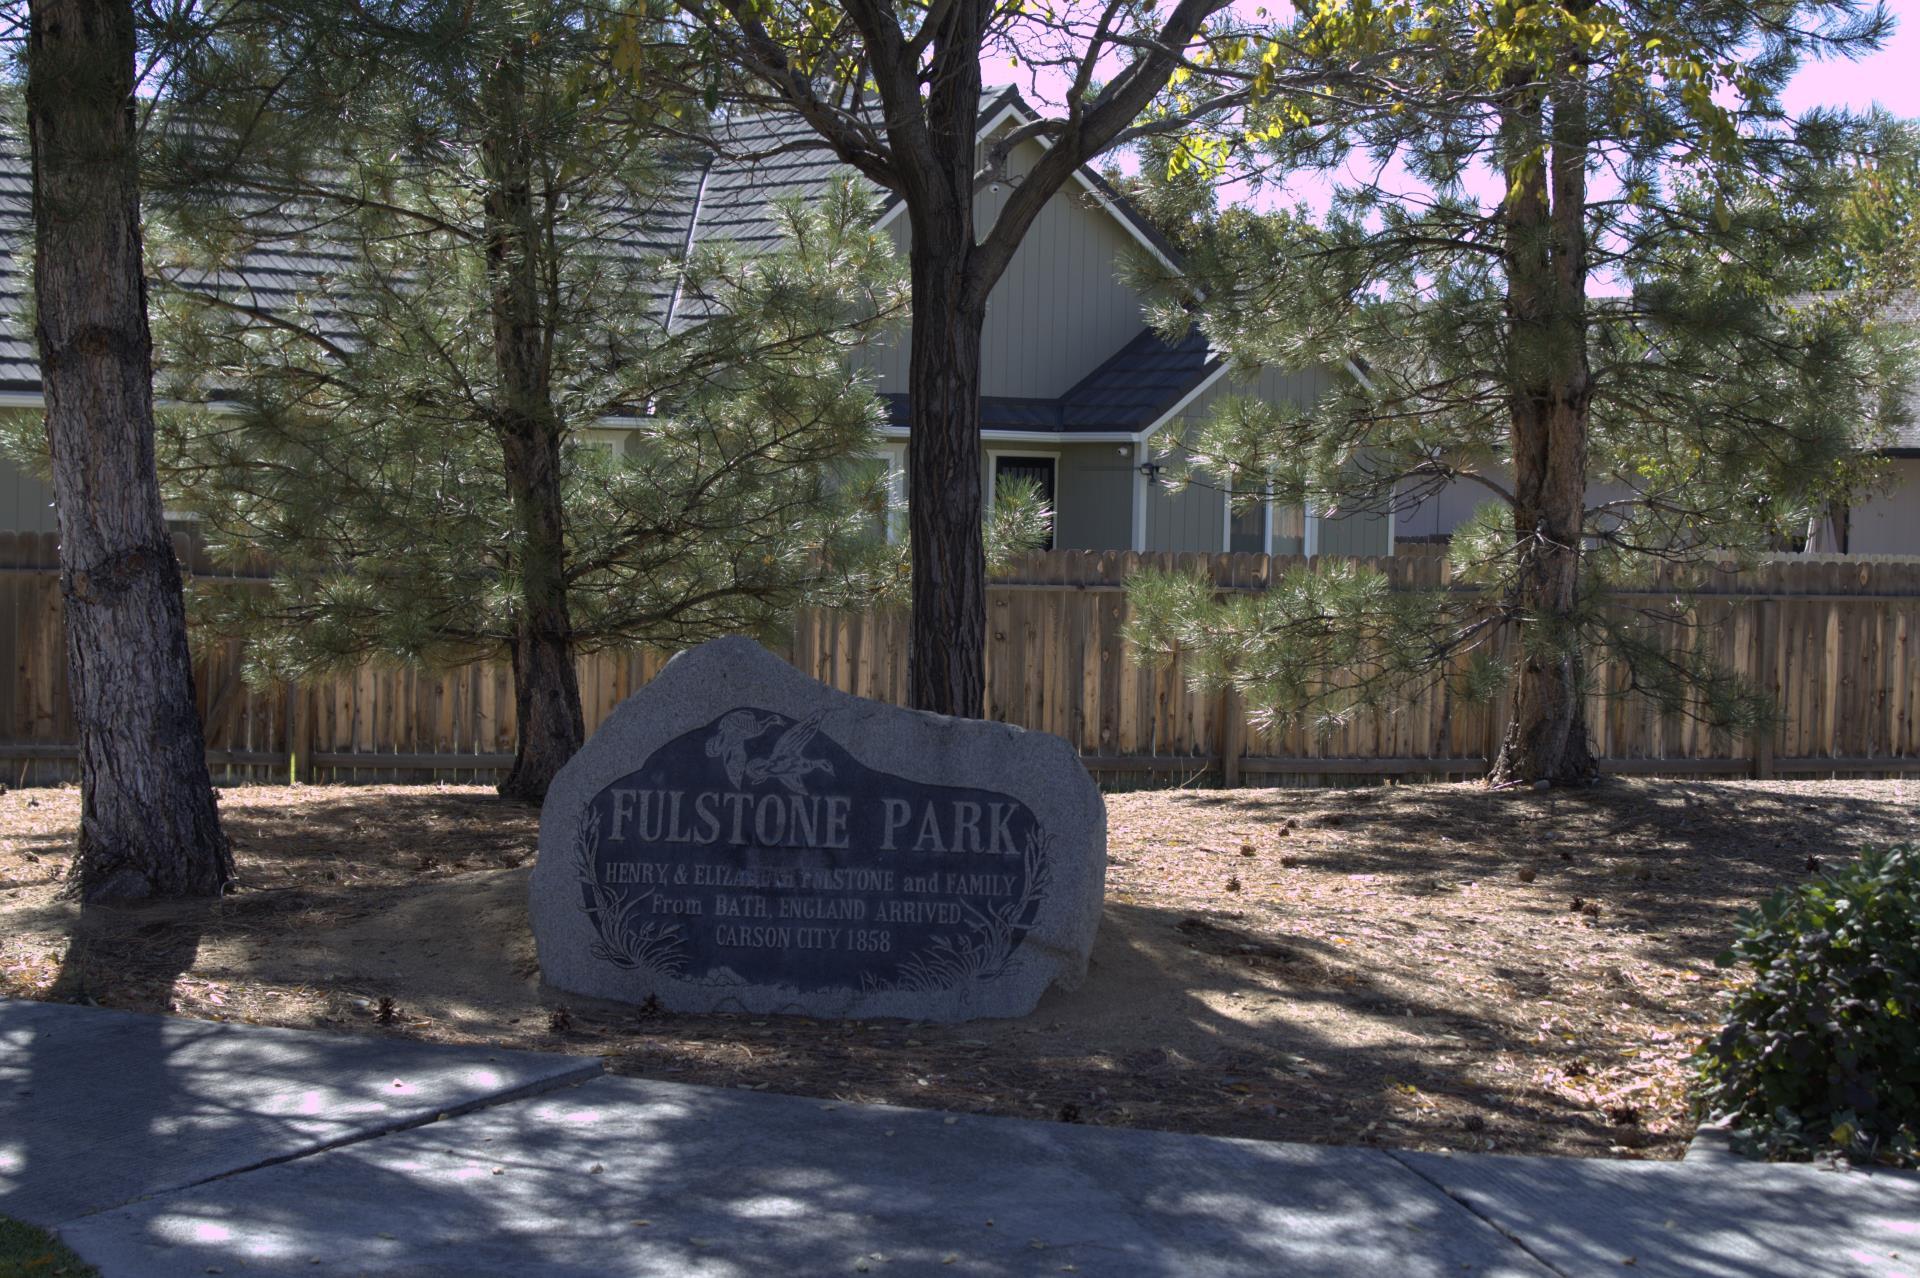 Fulstone Family Park #2